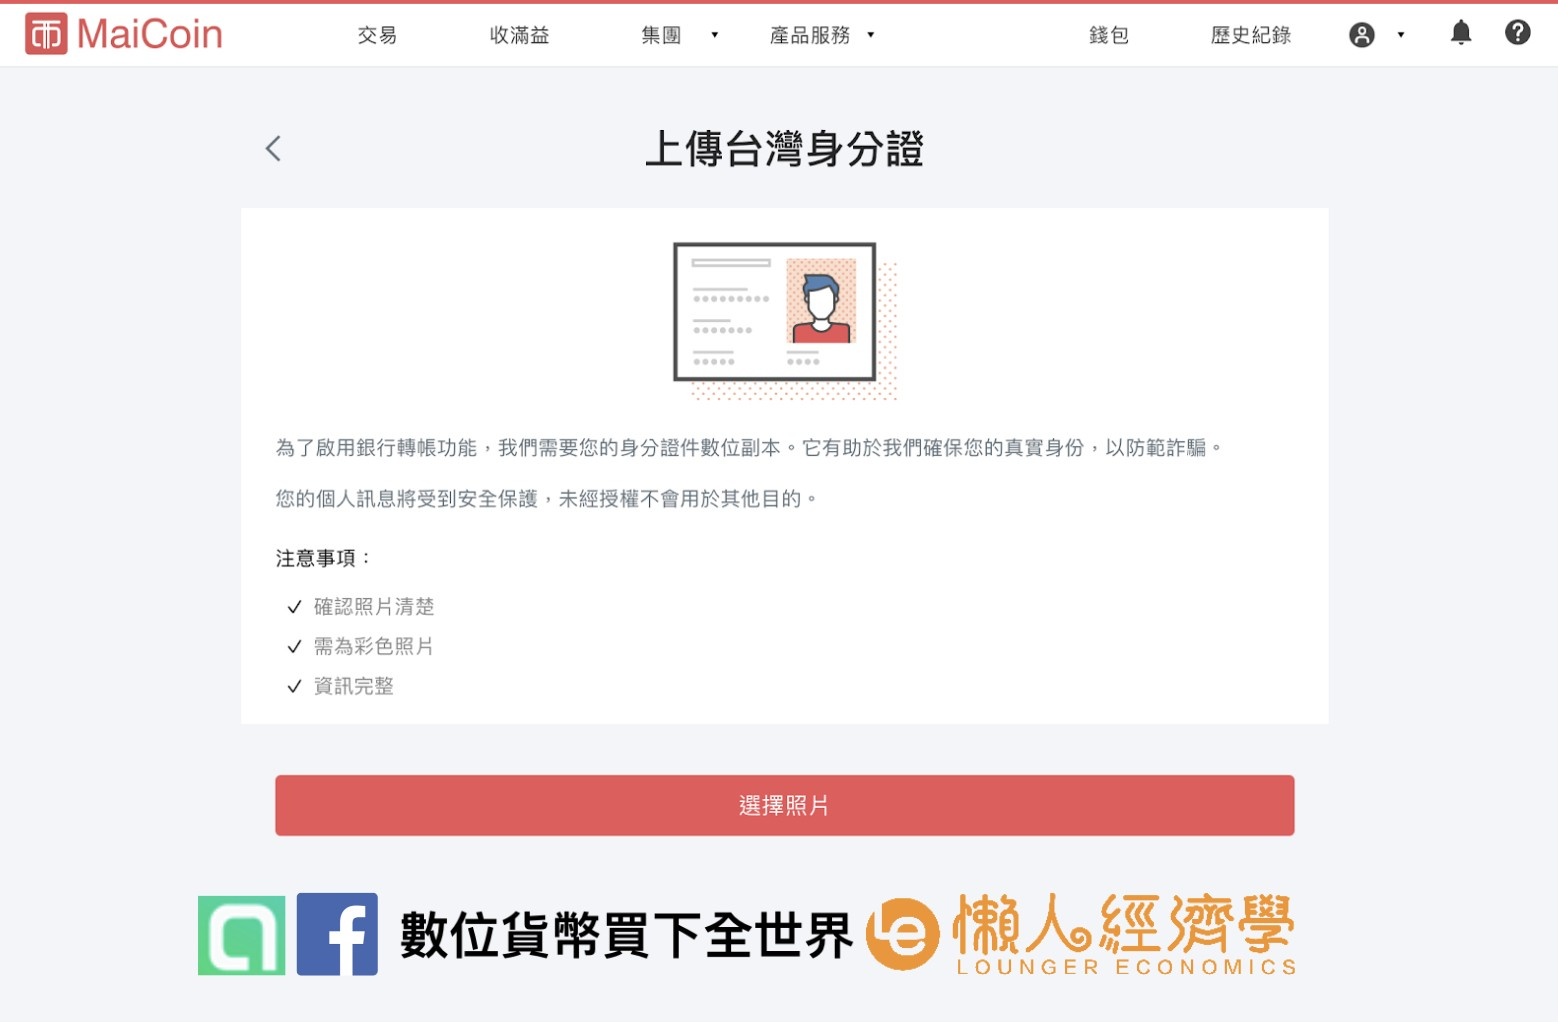 平台註冊流程:上傳台灣身分證